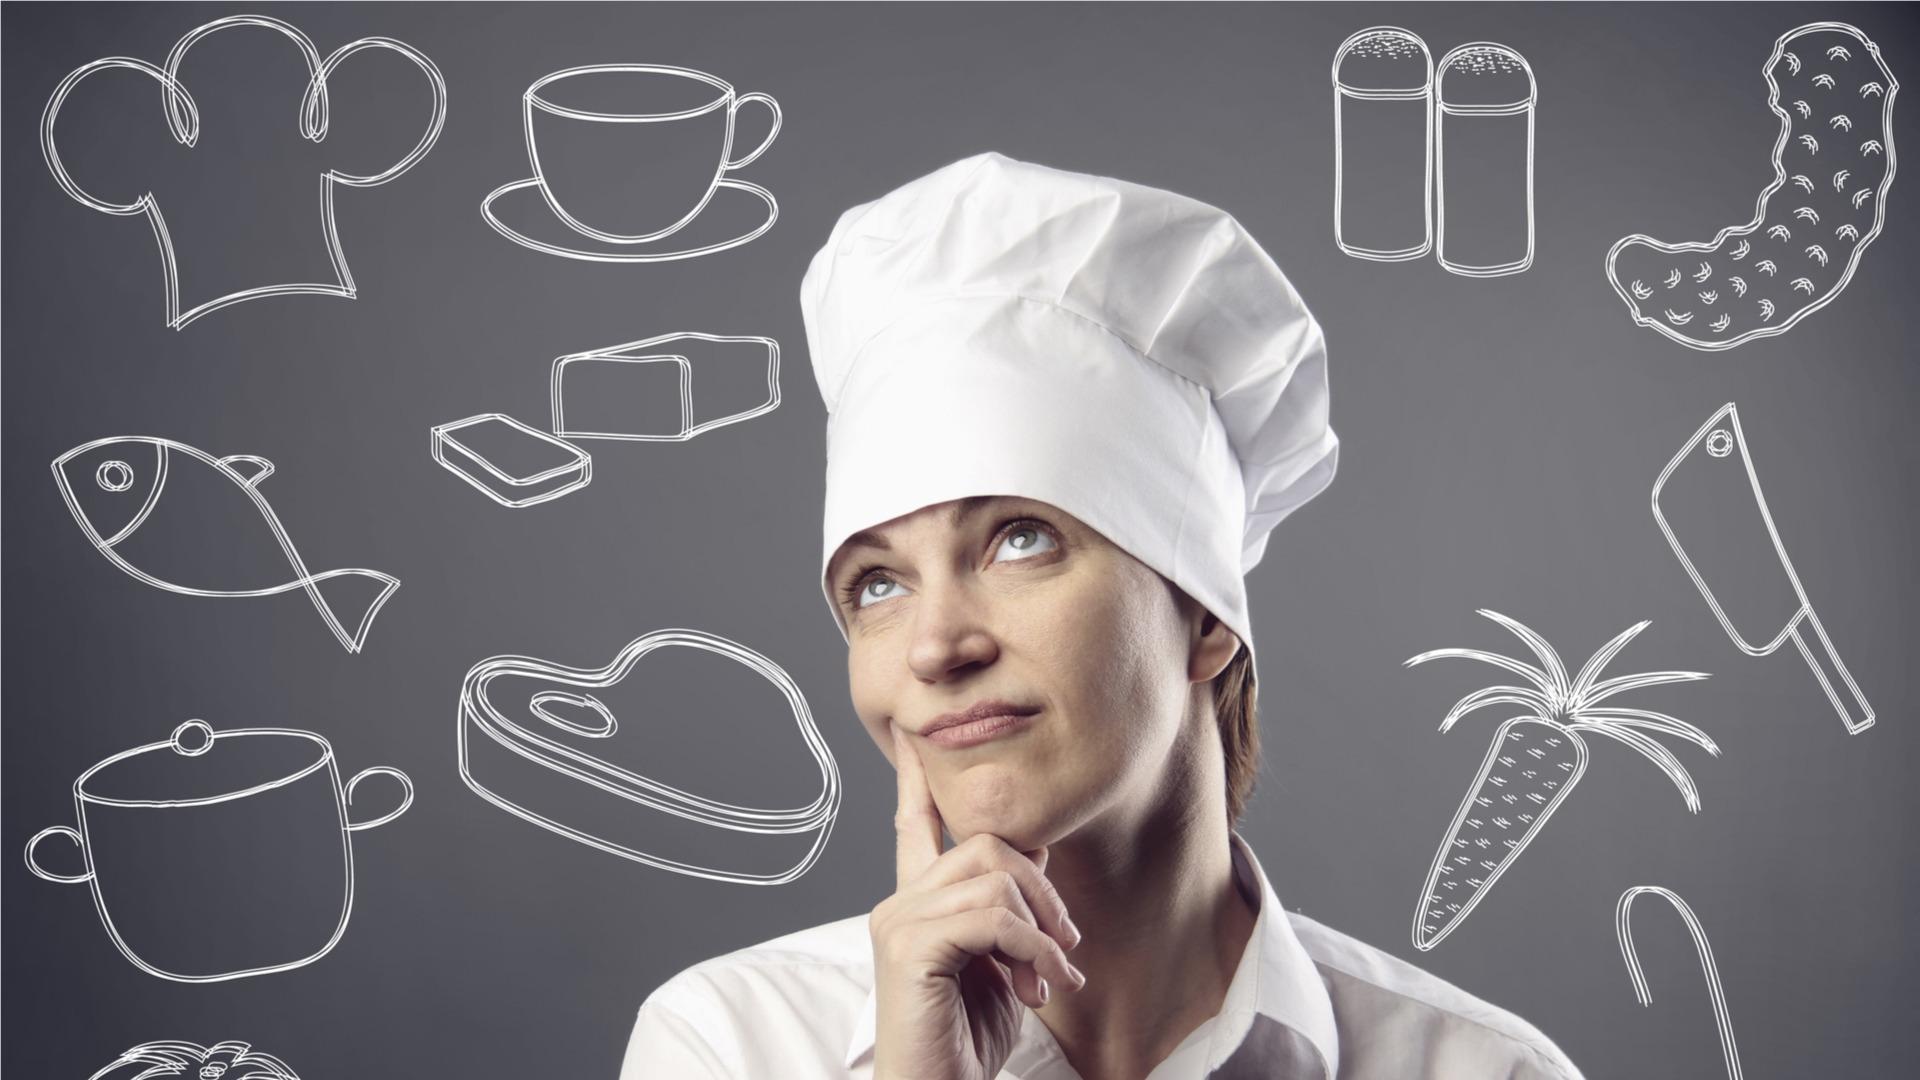 Chef thinking